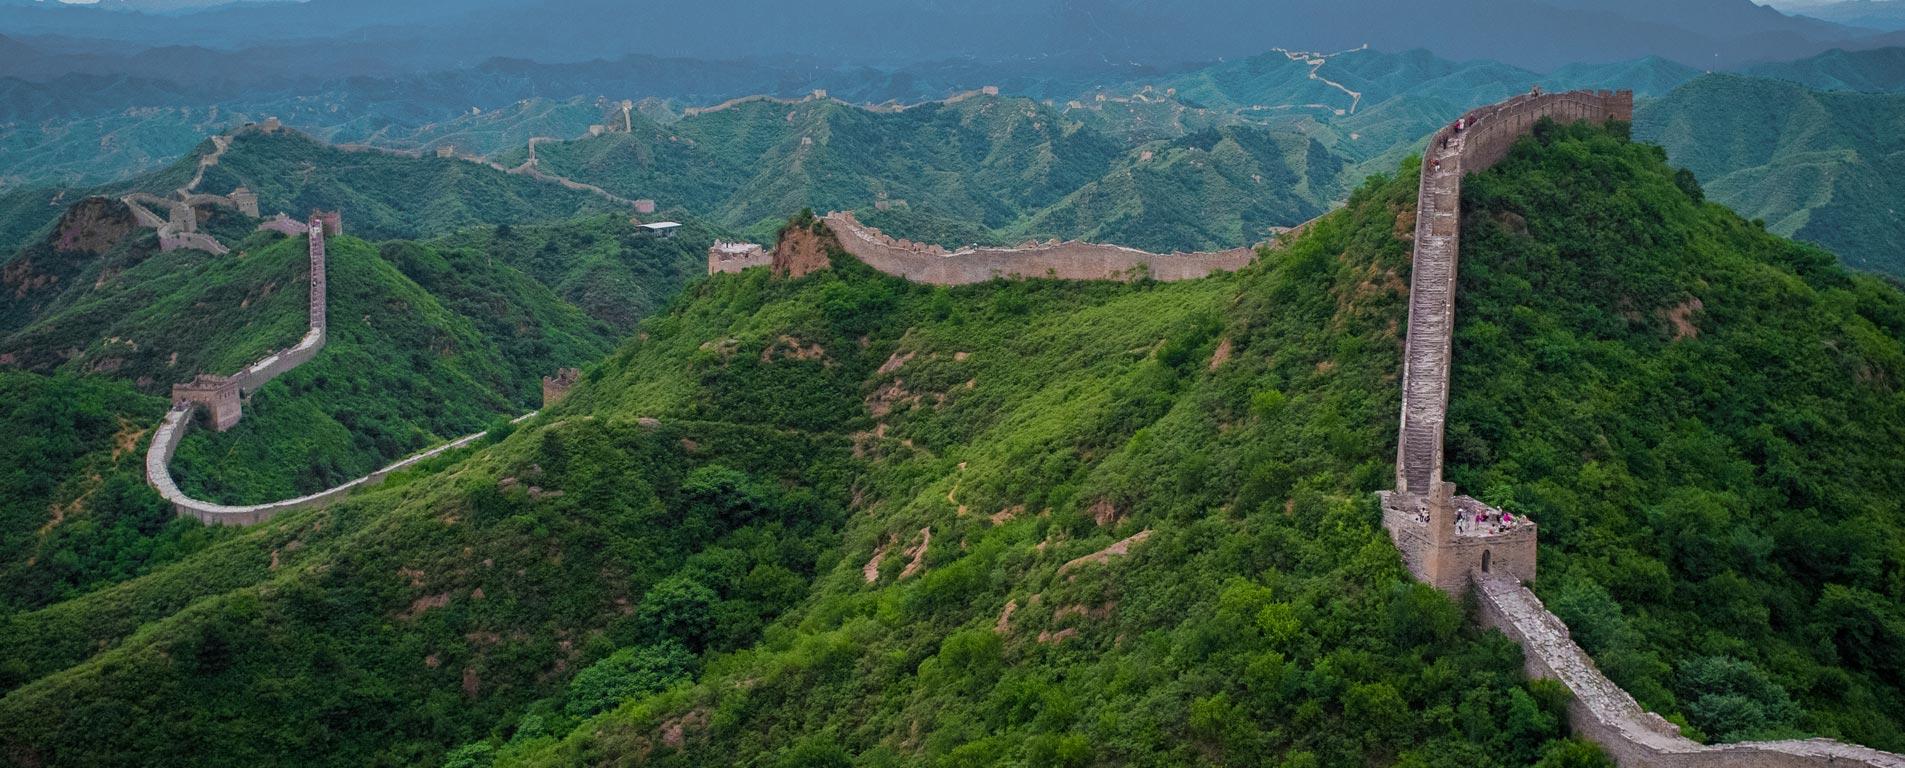 دیوار بزرگ چین ، اژدهای خفته در کوه و دشتهای چین